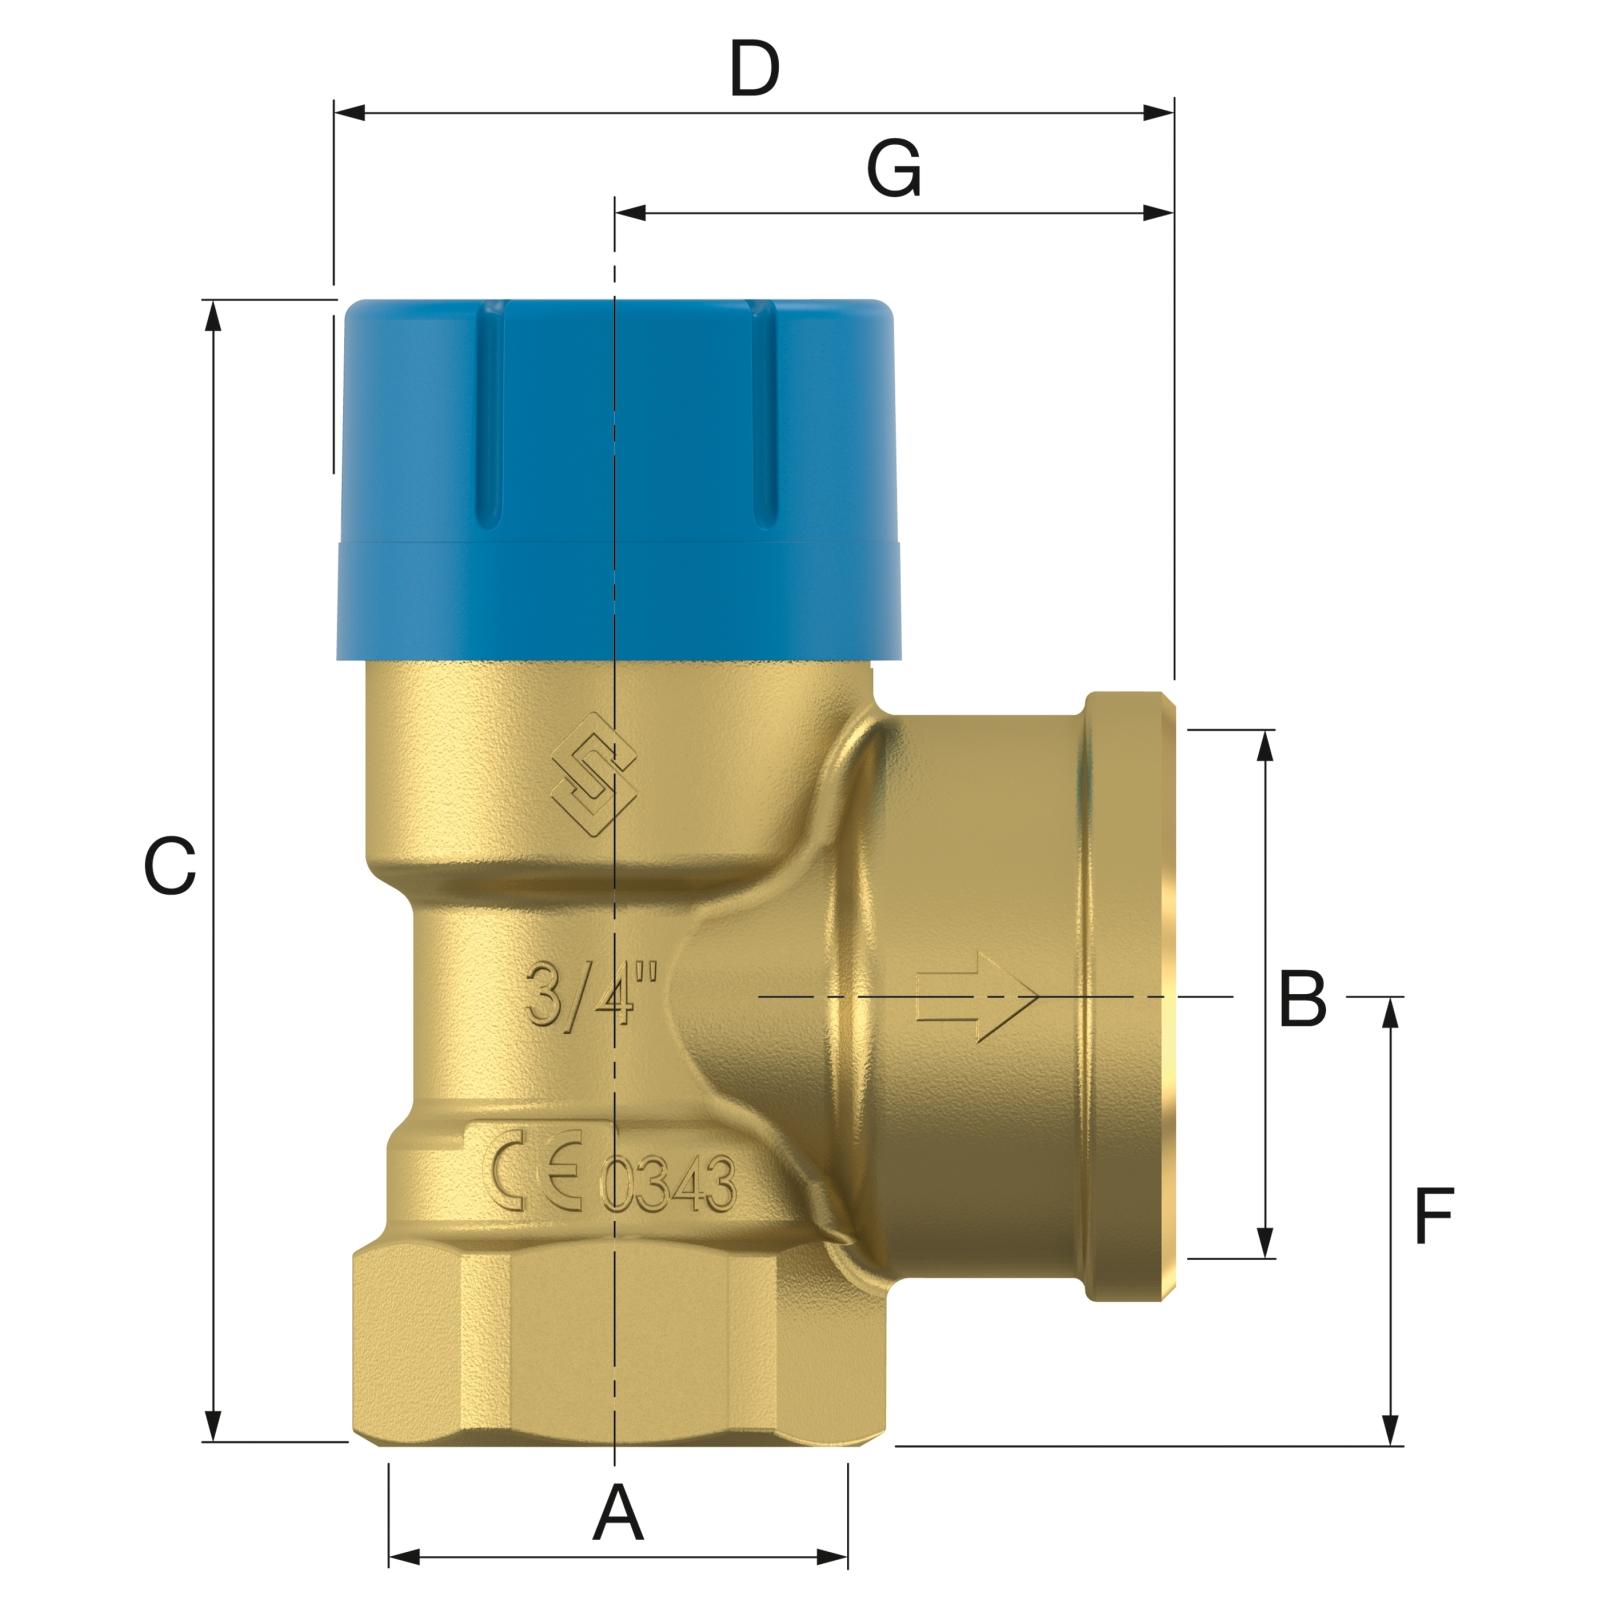 Flamco Prescor B 1x5/4 - 10 bar Biztonsági szelep (29007) műszaki ábra